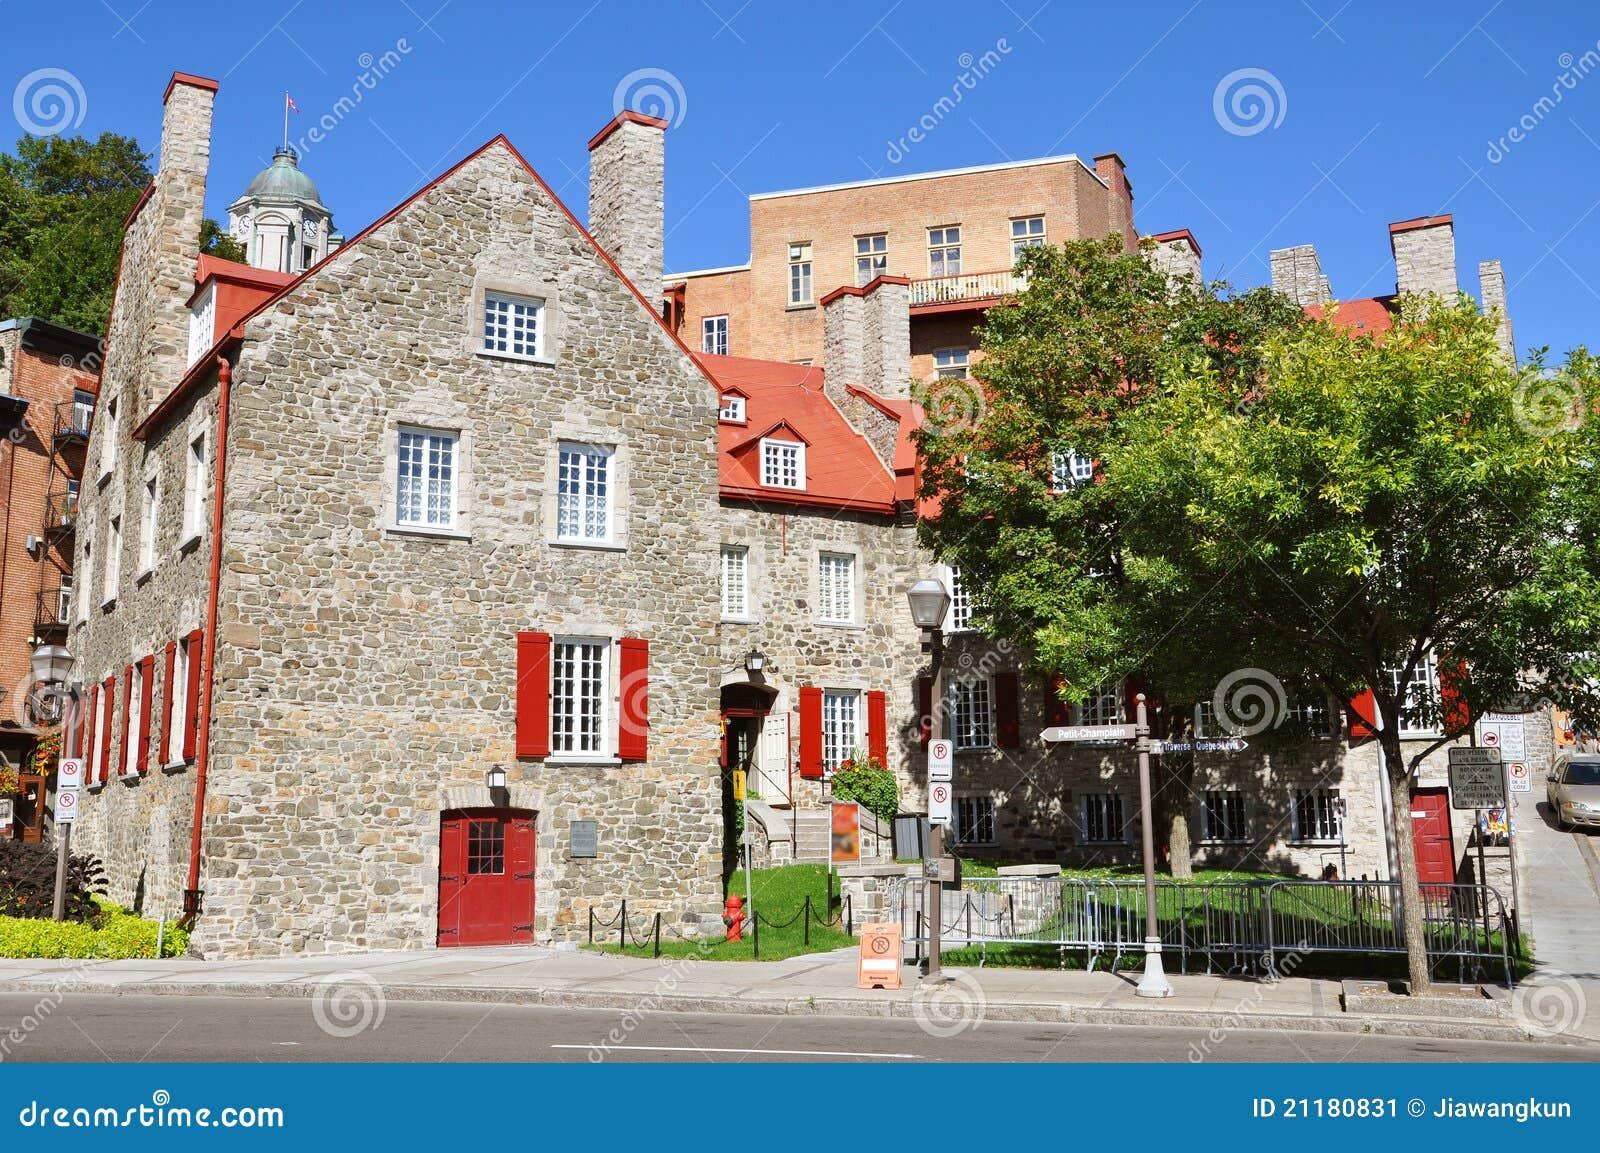 maison chevalier quebec city canada - Maison Canada